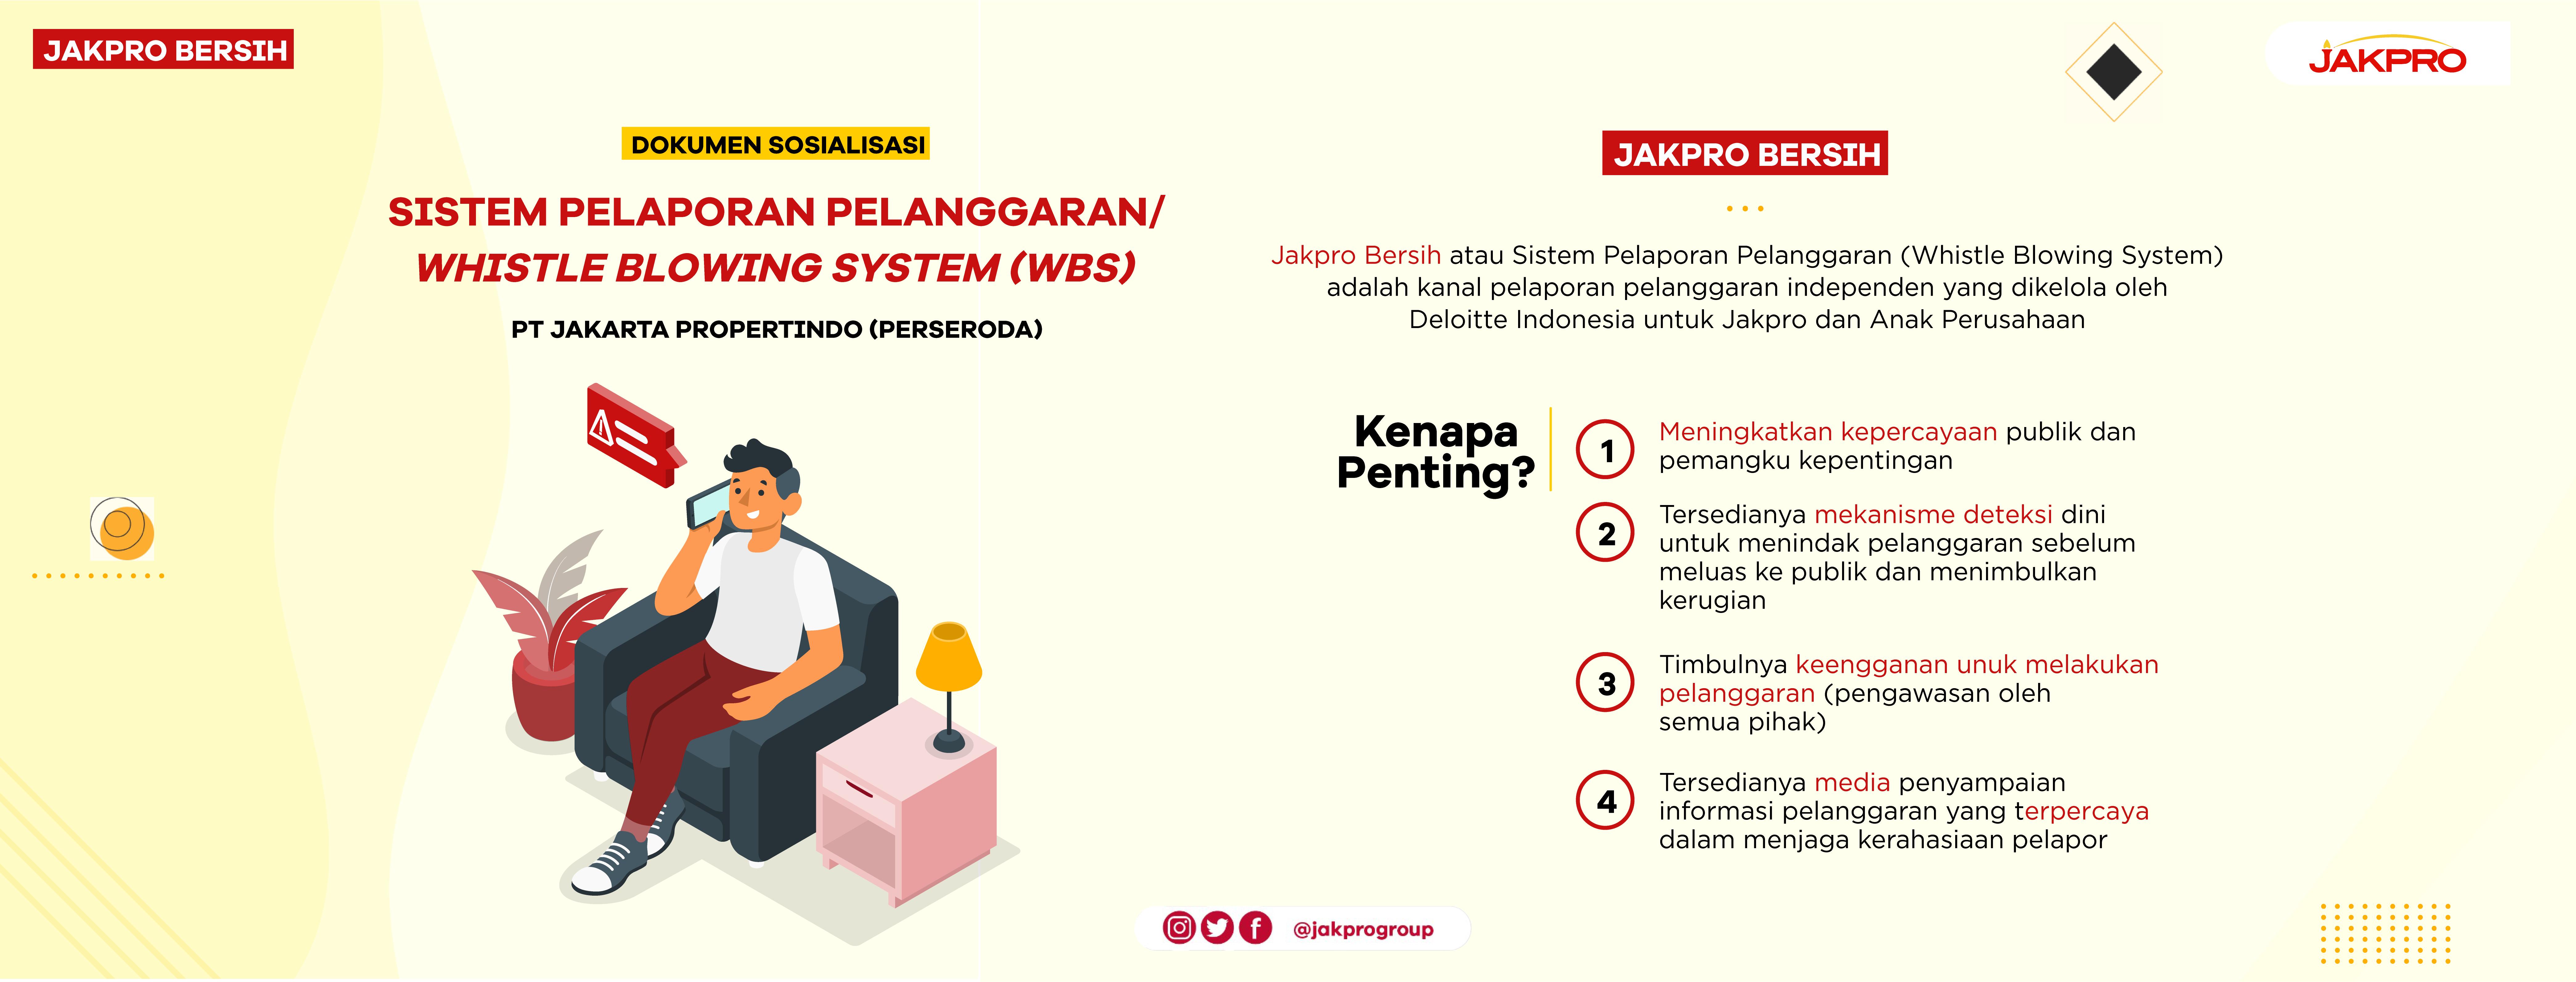 Jakpro Bersih